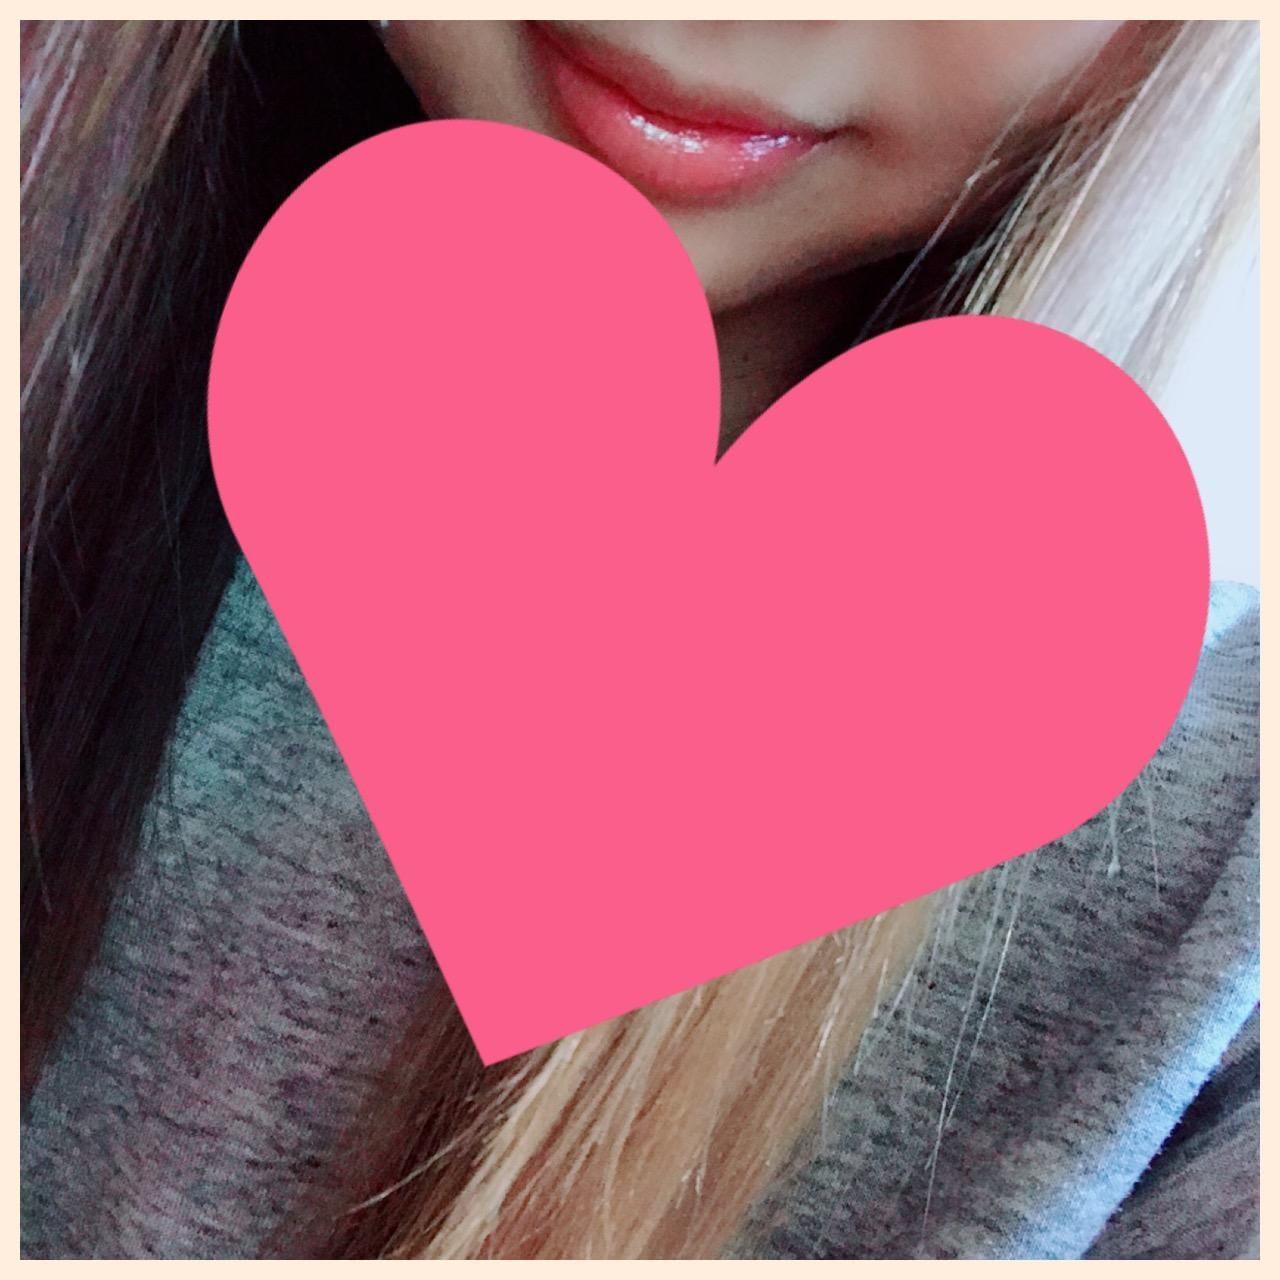 「こんにちは」11/03(土) 14:57 | じゅんたんの写メ・風俗動画